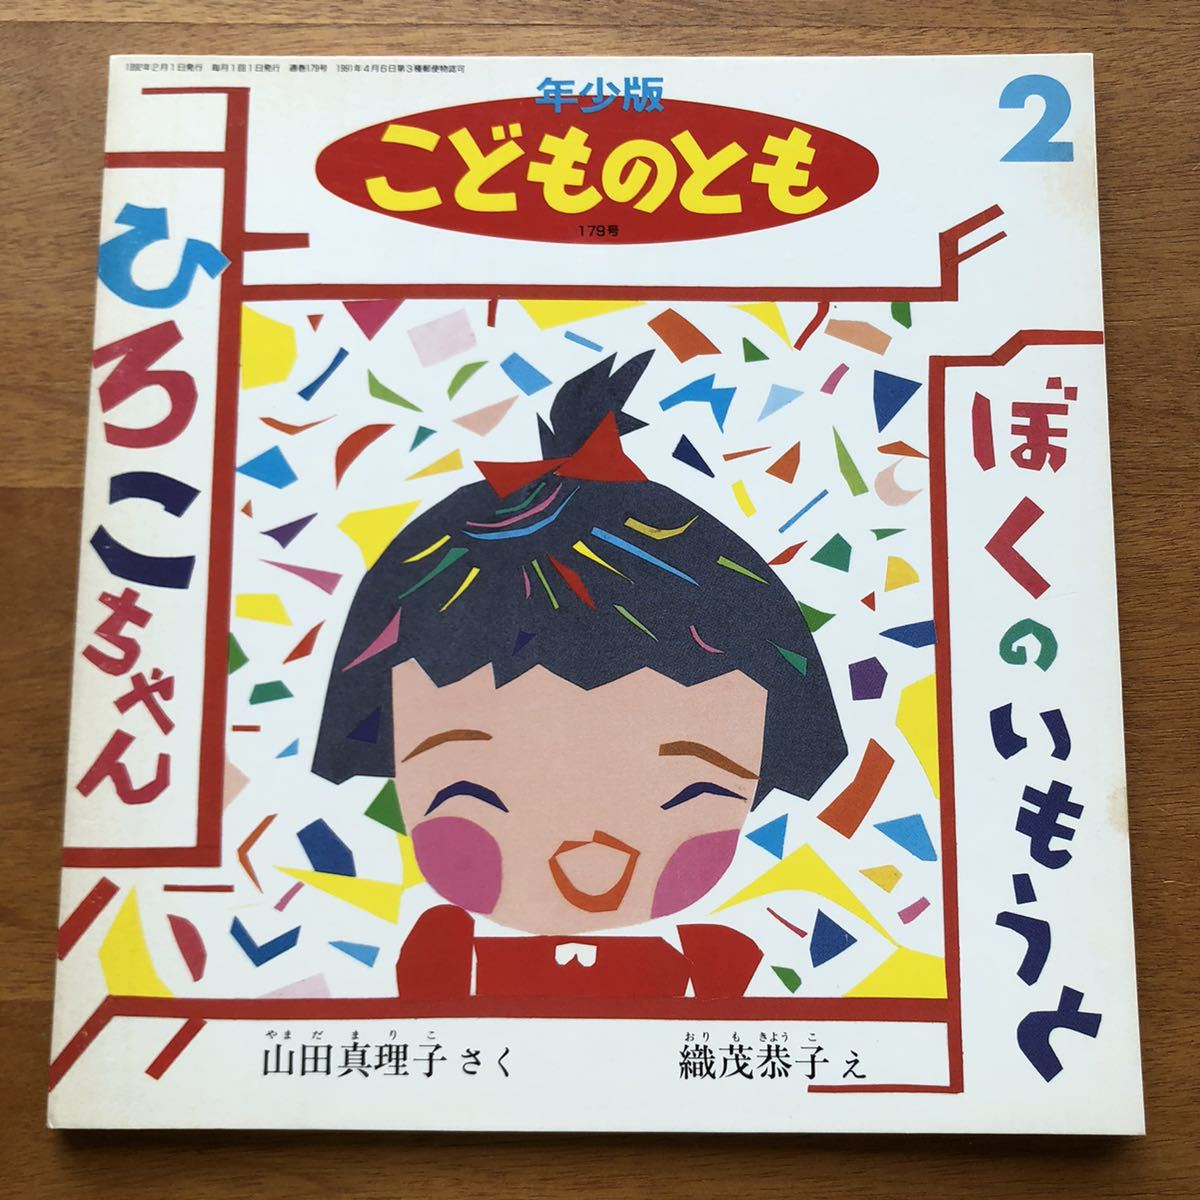 年少版こどものとも ぼくのいもうと 山田真理子 織茂恭子 1992年 初版 絶版 兄妹 古い 絵本 昭和レトロ 貼り絵